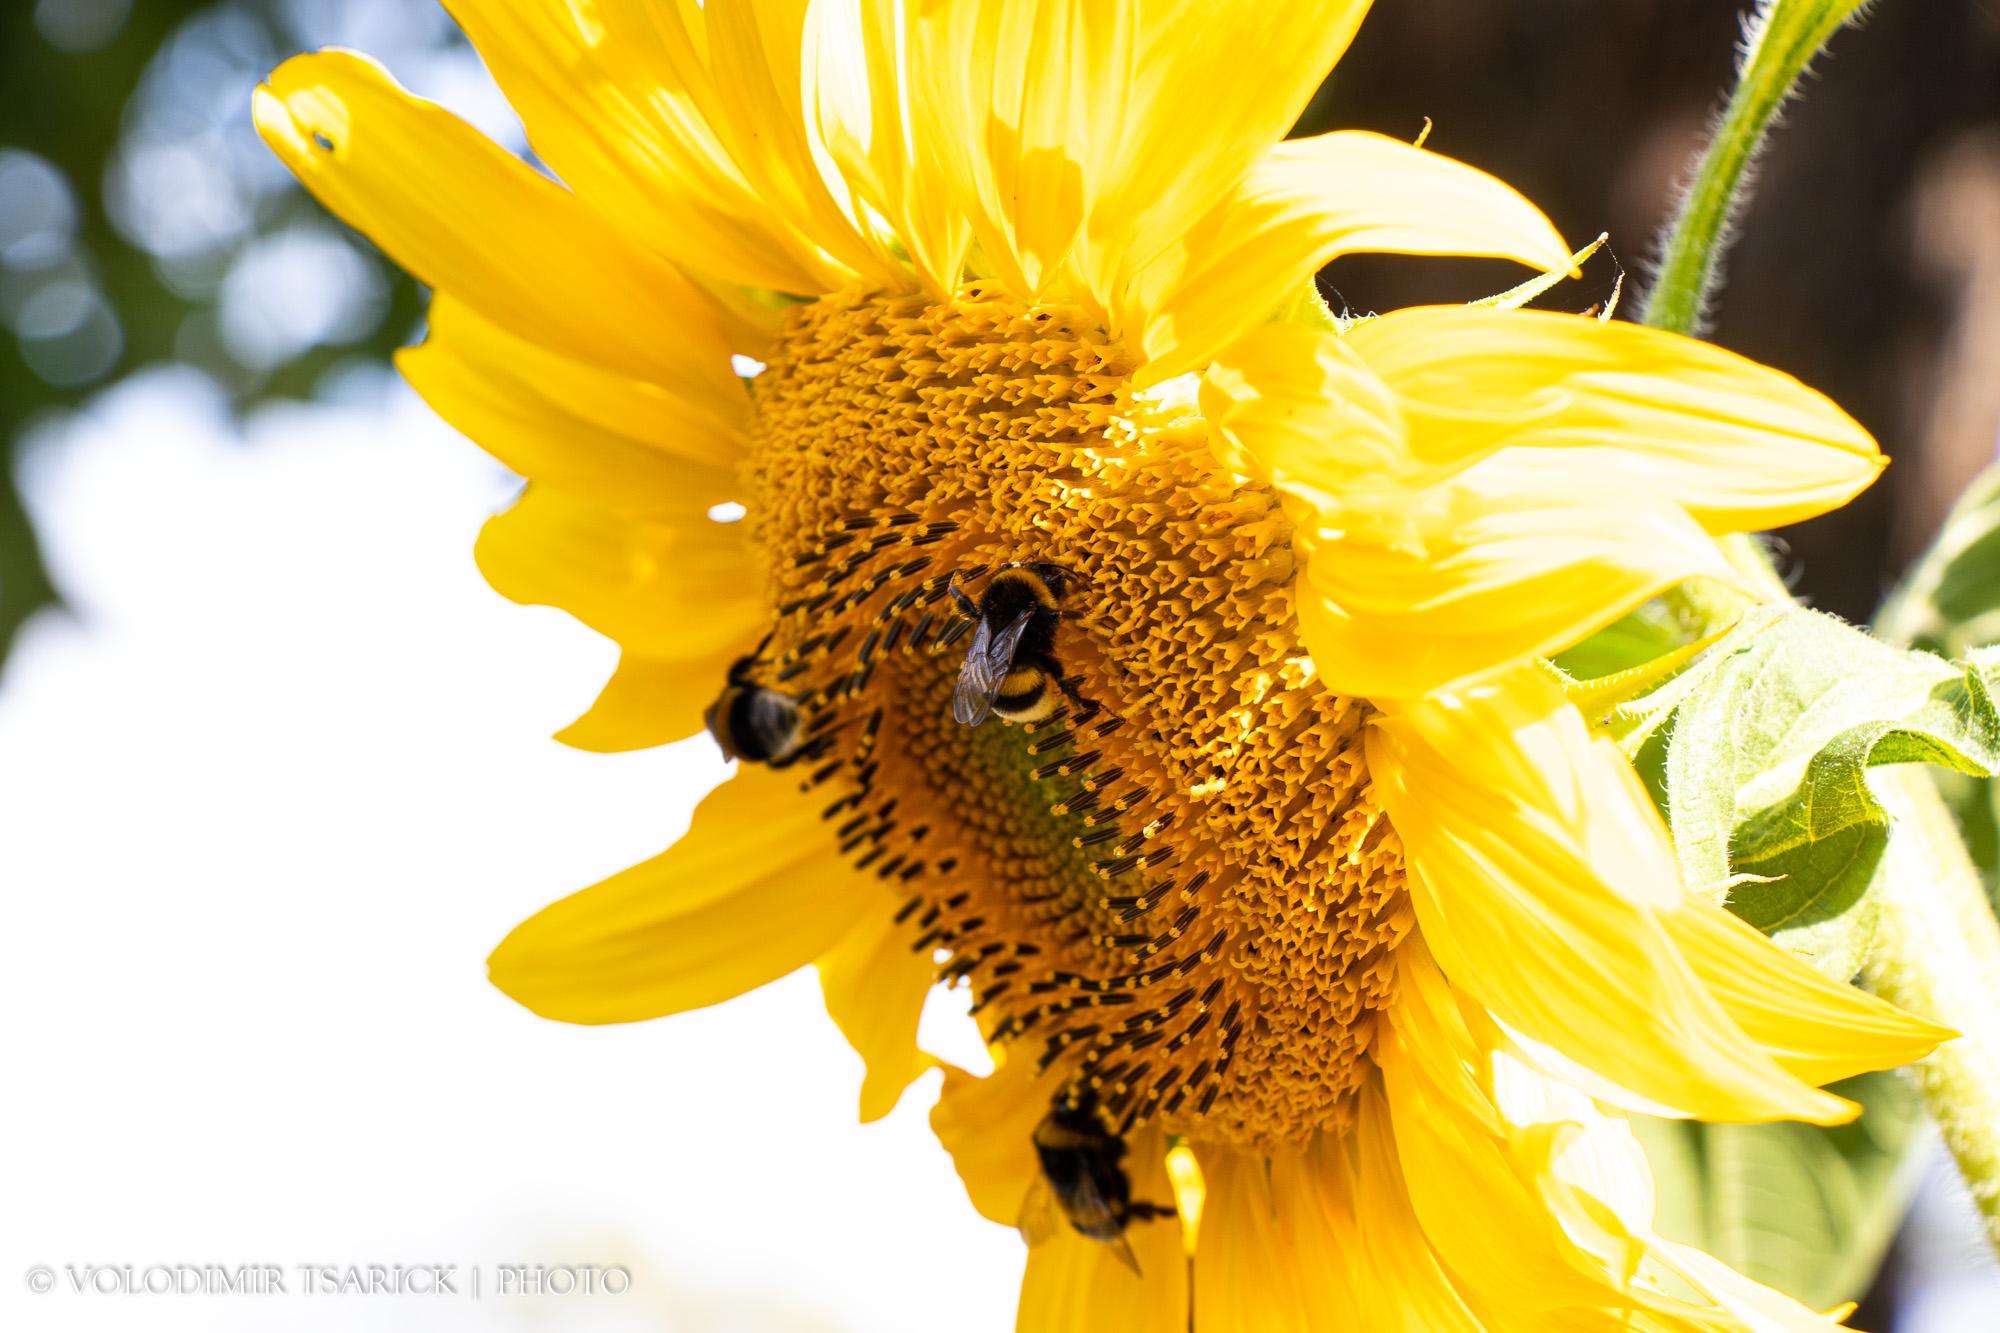 Джмелі збирають врожай з соняшника